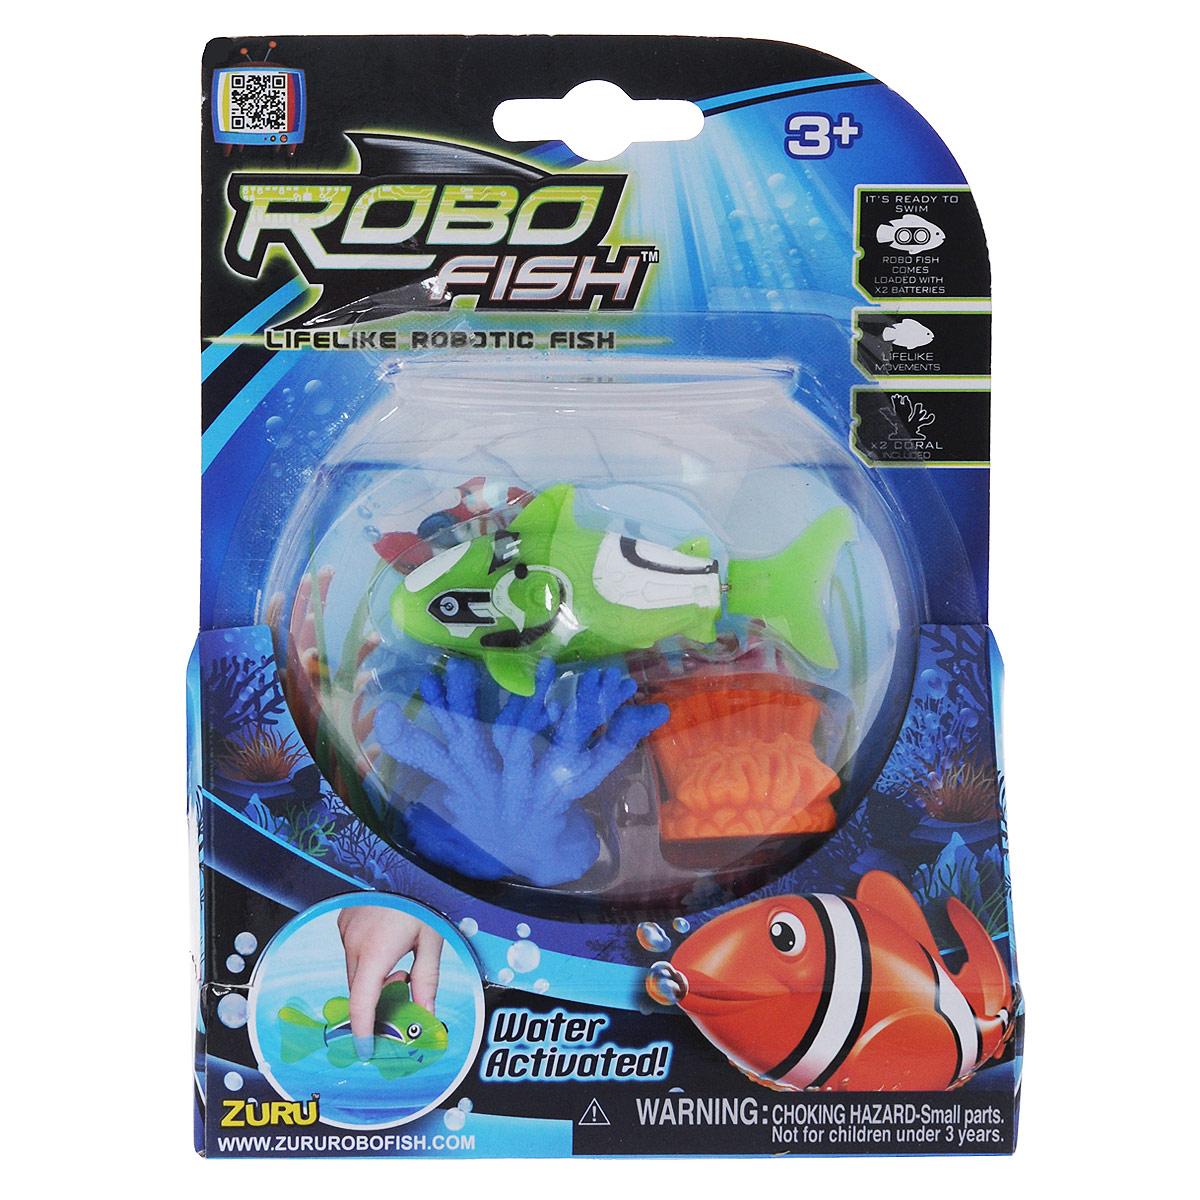 Игрушка для ванны Robofish РобоРыбка с двумя кораллами, цвет: салатовый2538Игрушка для ванны Robofish РобоРыбка с двумя кораллами понравится вашему малышу и превратит купание в веселую игру. Она выполнена из безопасного пластика в виде маленькой красочной рыбки. Игрушка активируется в воде и имитирует движения и повадки рыбы. Электромагнитный мотор позволяет рыбке двигаться в пяти направлениях. При погружении в аквариум или другую емкостью с водой РобоРыбка начинает плавать, опускаясь ко дну и поднимаясь к поверхности воды. Внутри рыбки находится специальный грузик, регулирующий глубину ее погружения. Если рыбка плавает на дне, не всплывая, - уберите грузик; если на поверхности - добавьте грузик. В комплект также входят два элемента в виде ярких кораллов. Порадуйте вашего ребенка таким замечательным подарком! Игрушка работает от 2 батареек напряжением 1,5V типа LR44 (2 установлены в игрушку и 2 запасные).